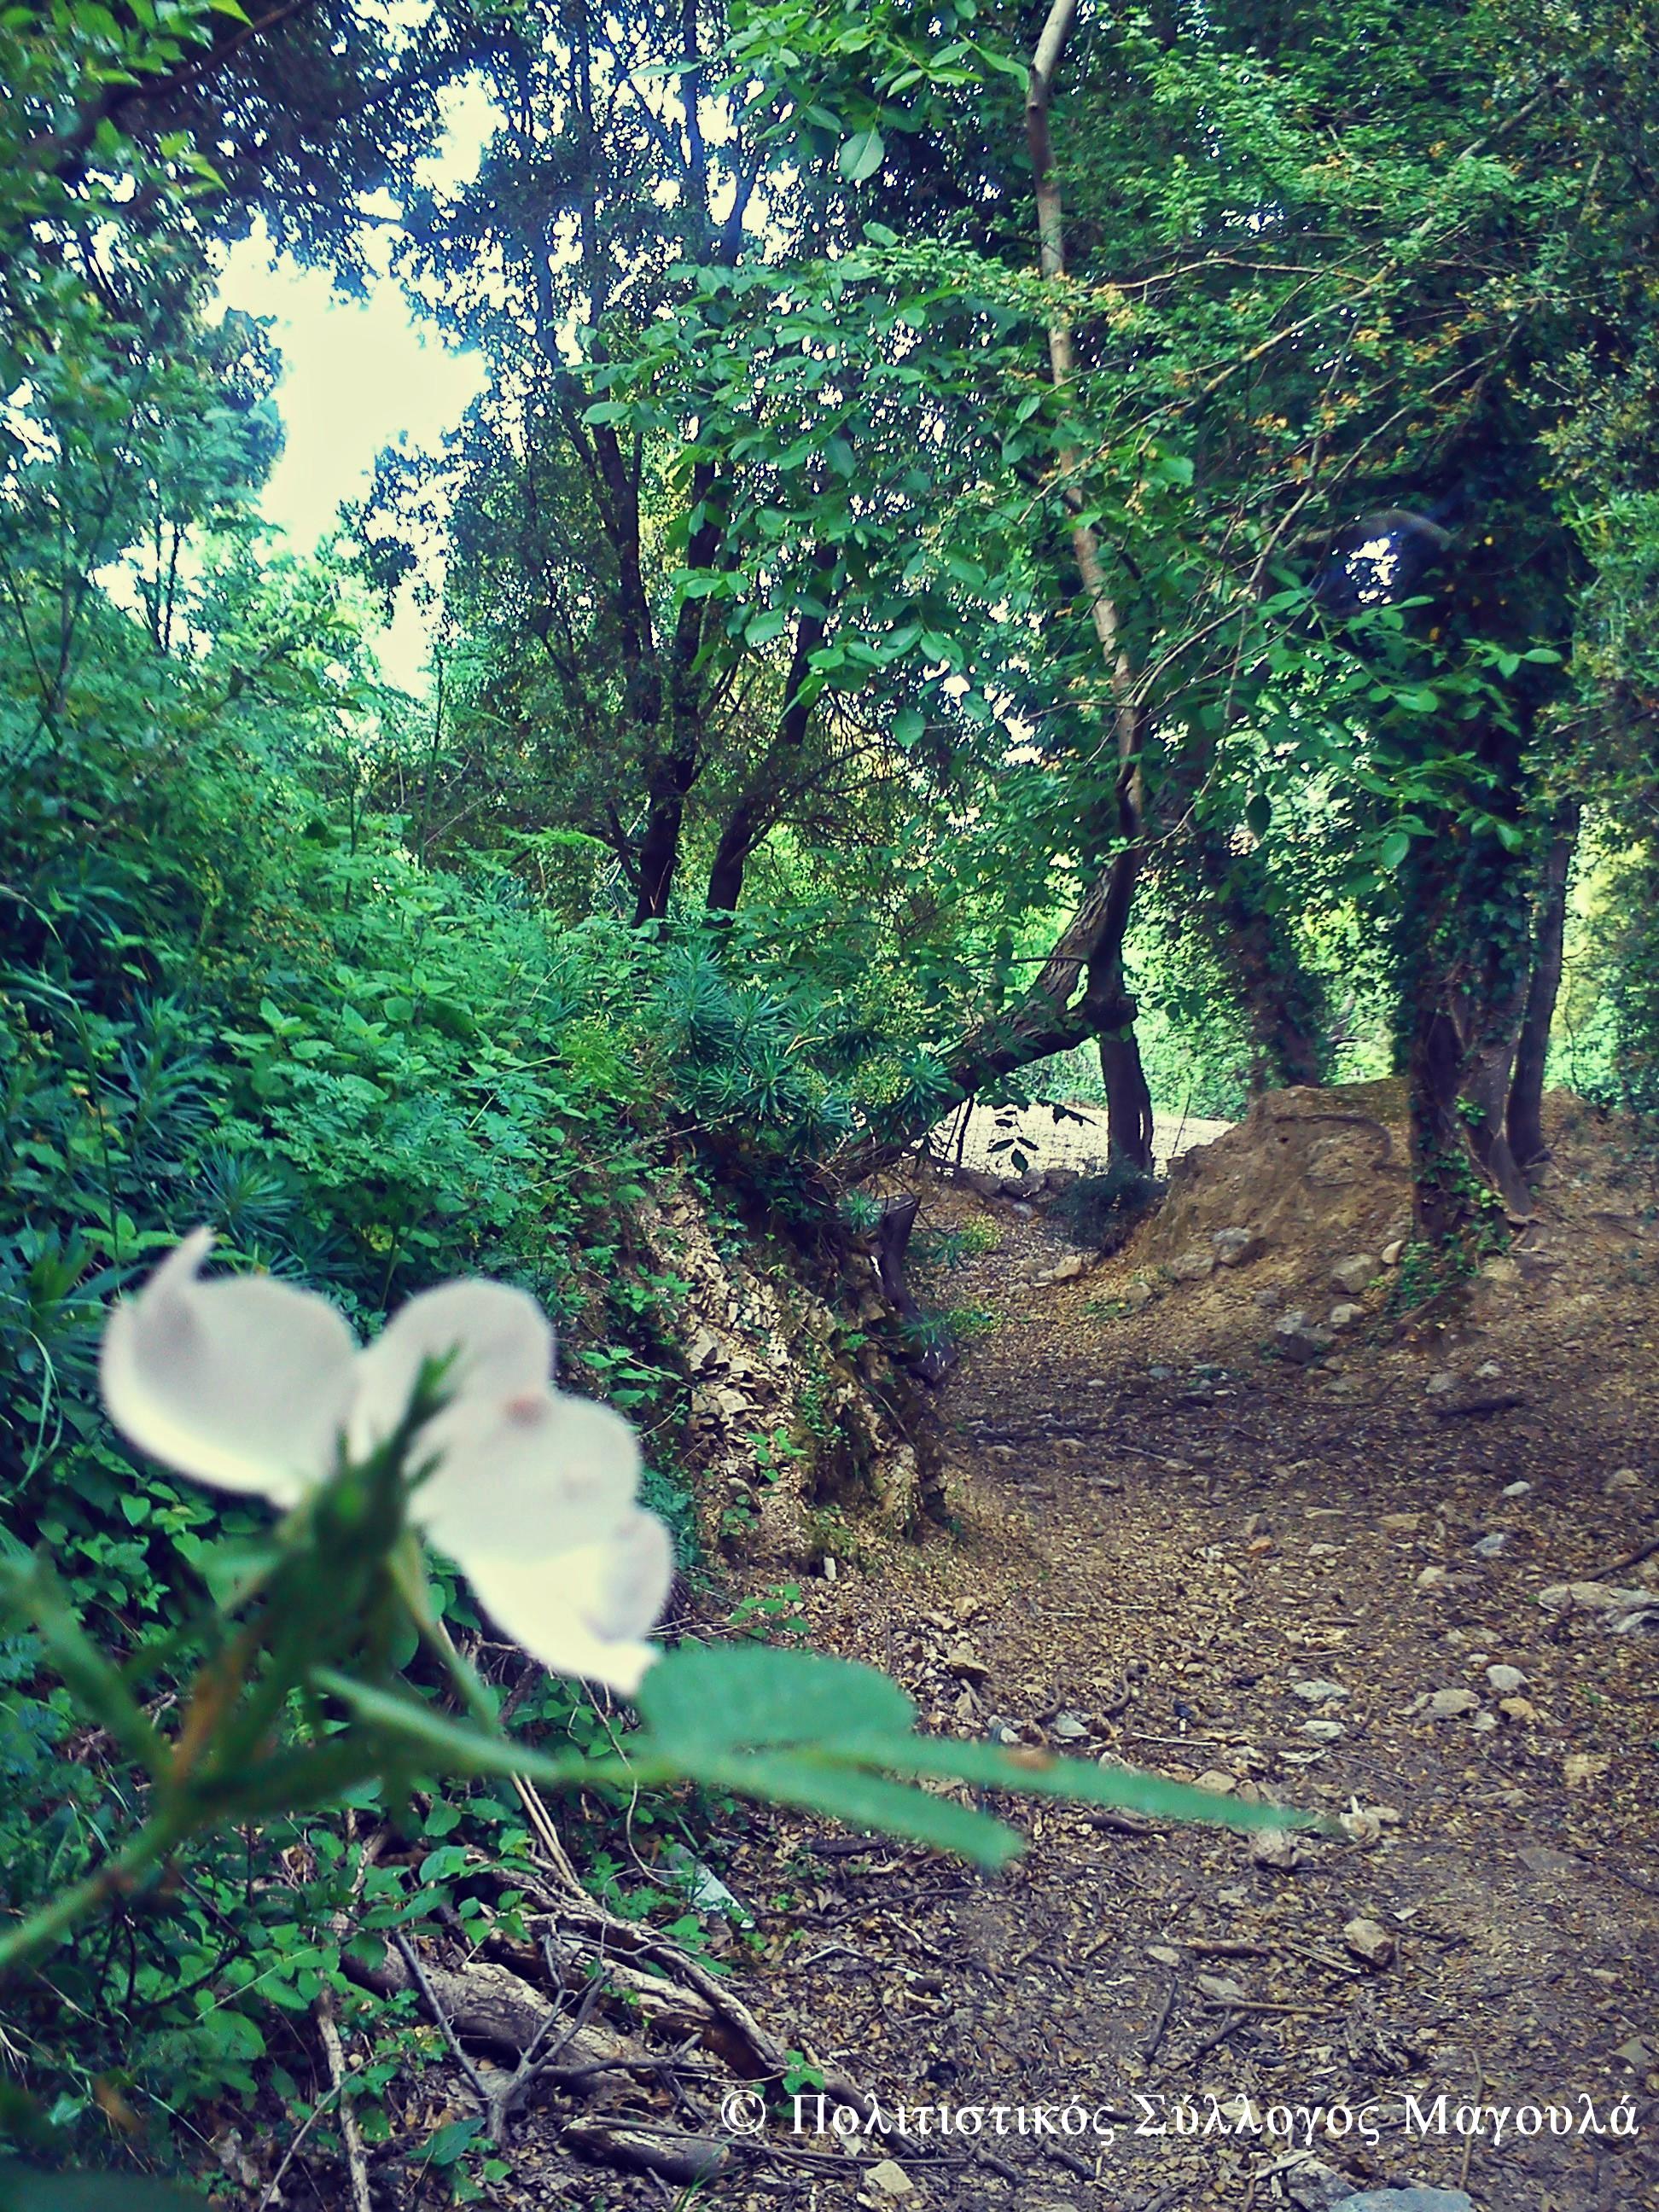 Δρόμος προς το άλσος του δεύτερου νερόμυλου- Path to the second watermill's woods